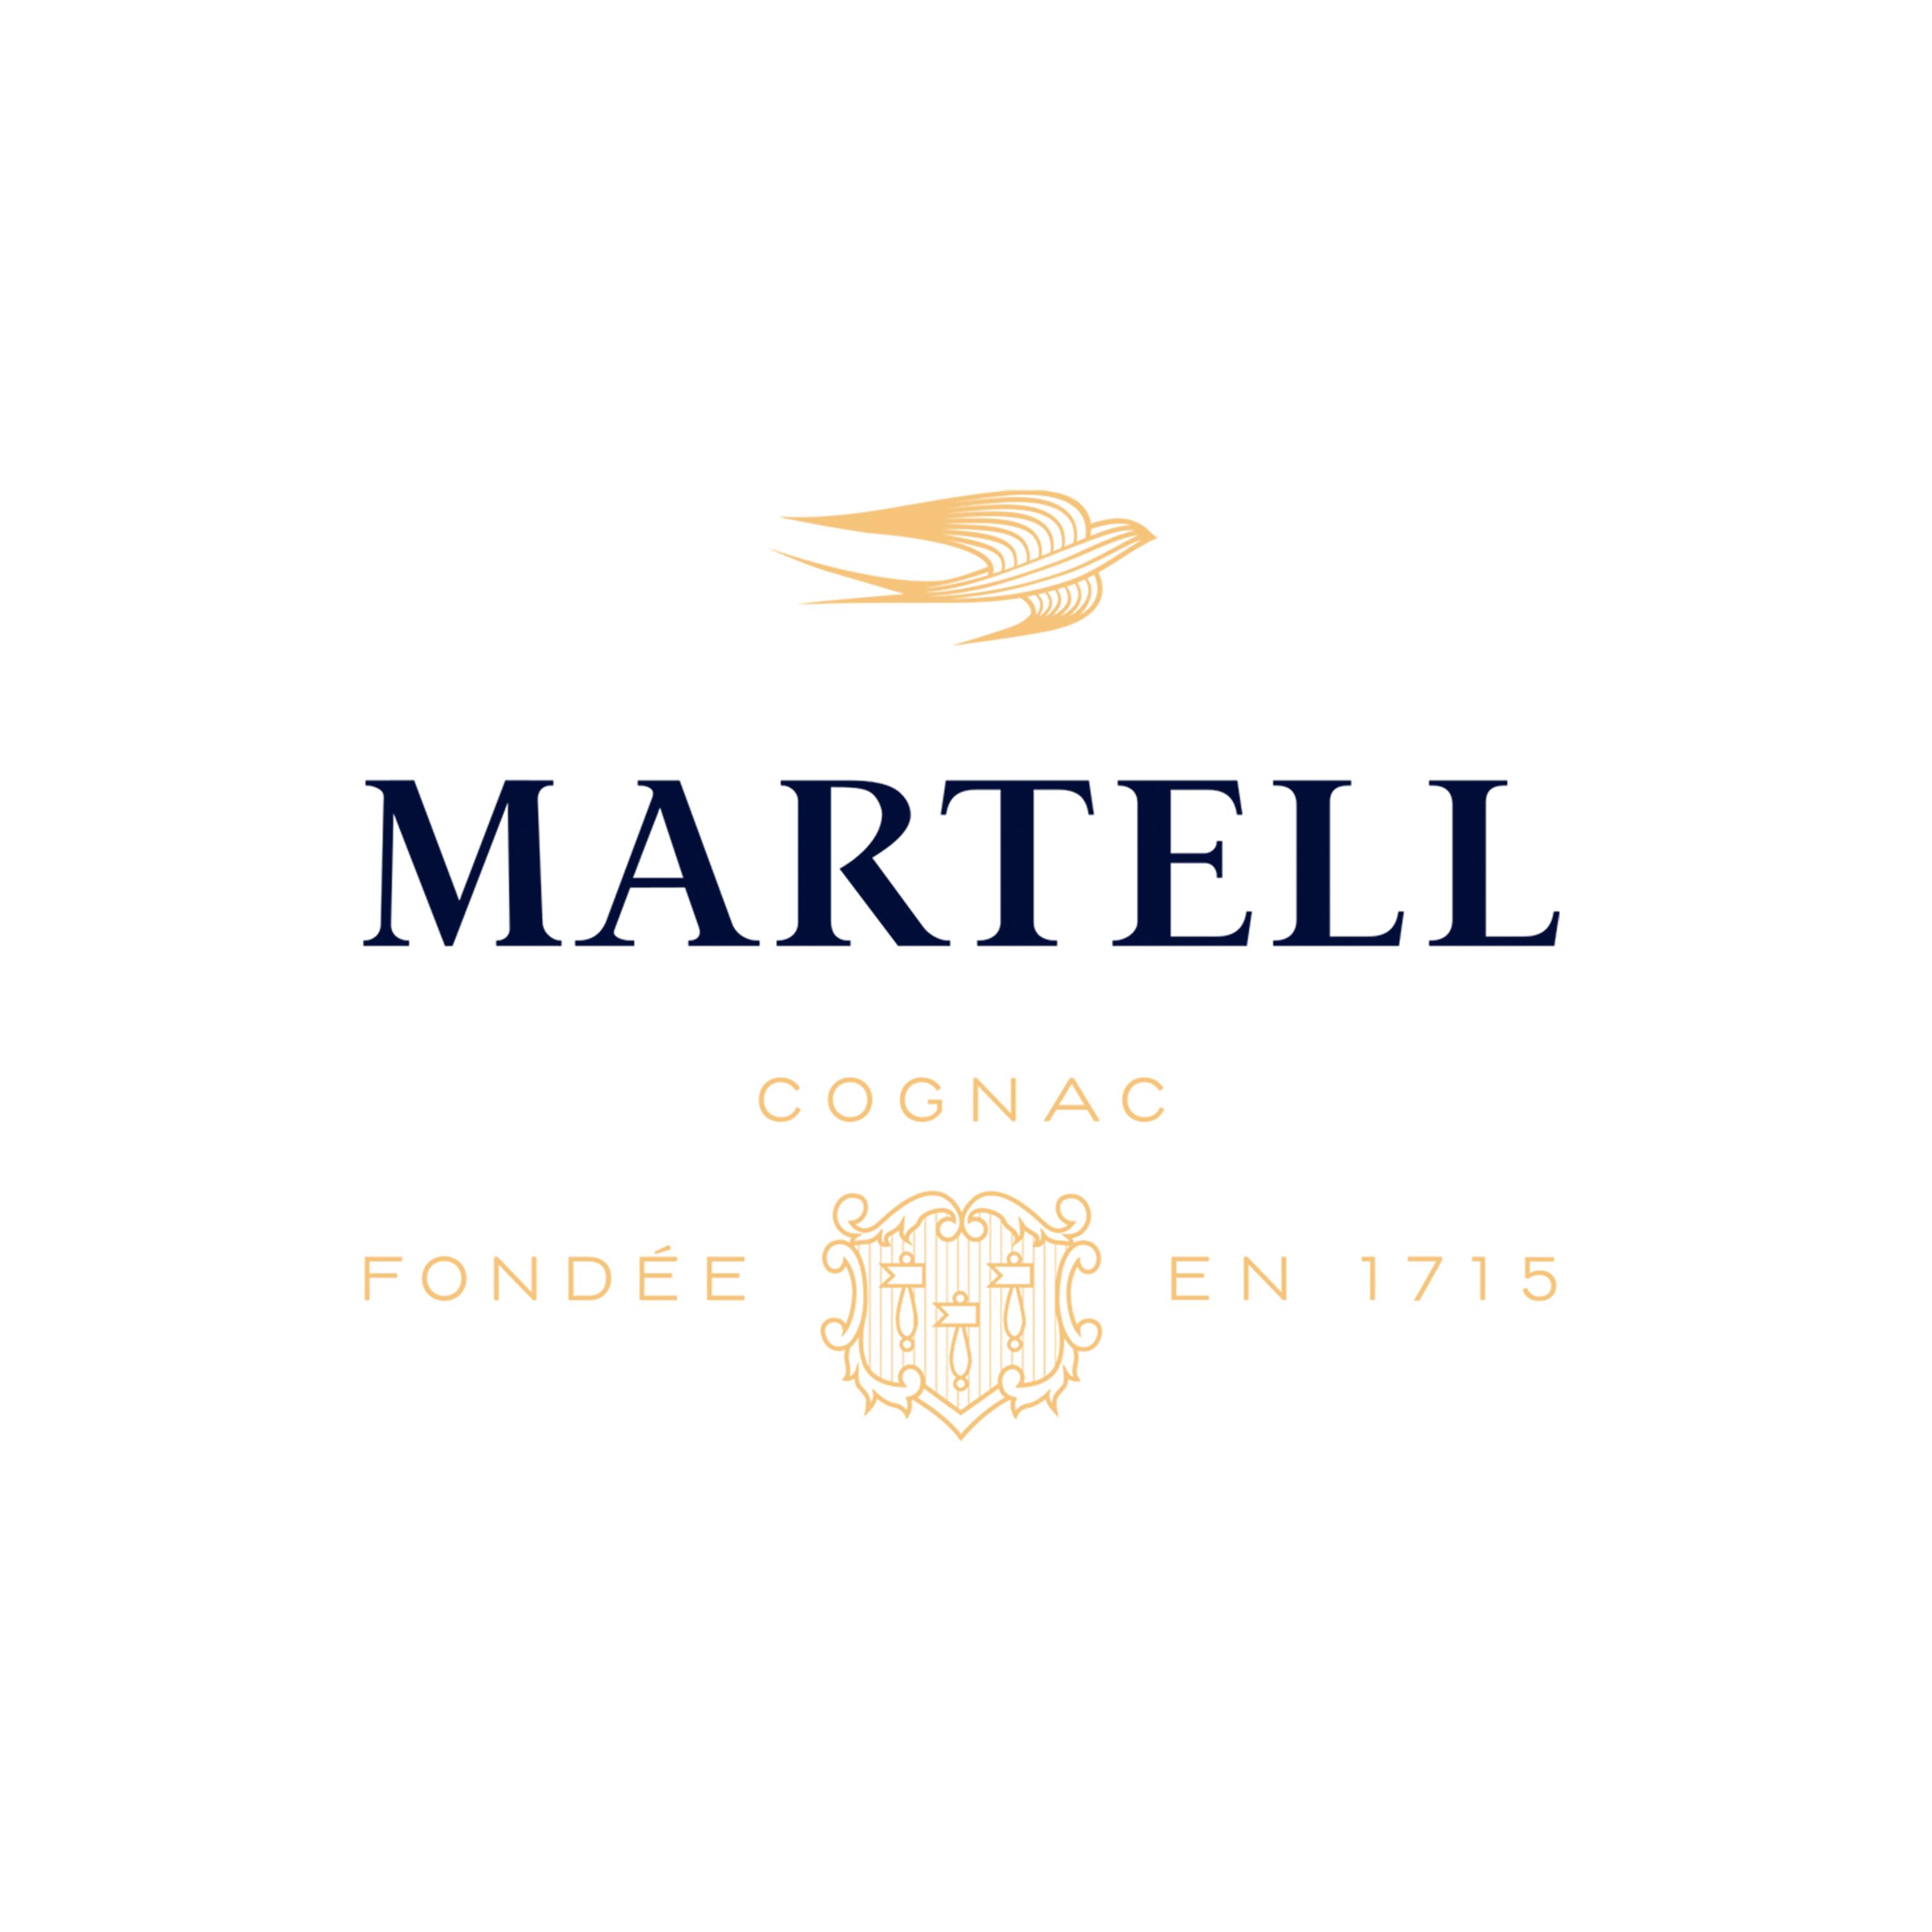 martell-logo-cognac